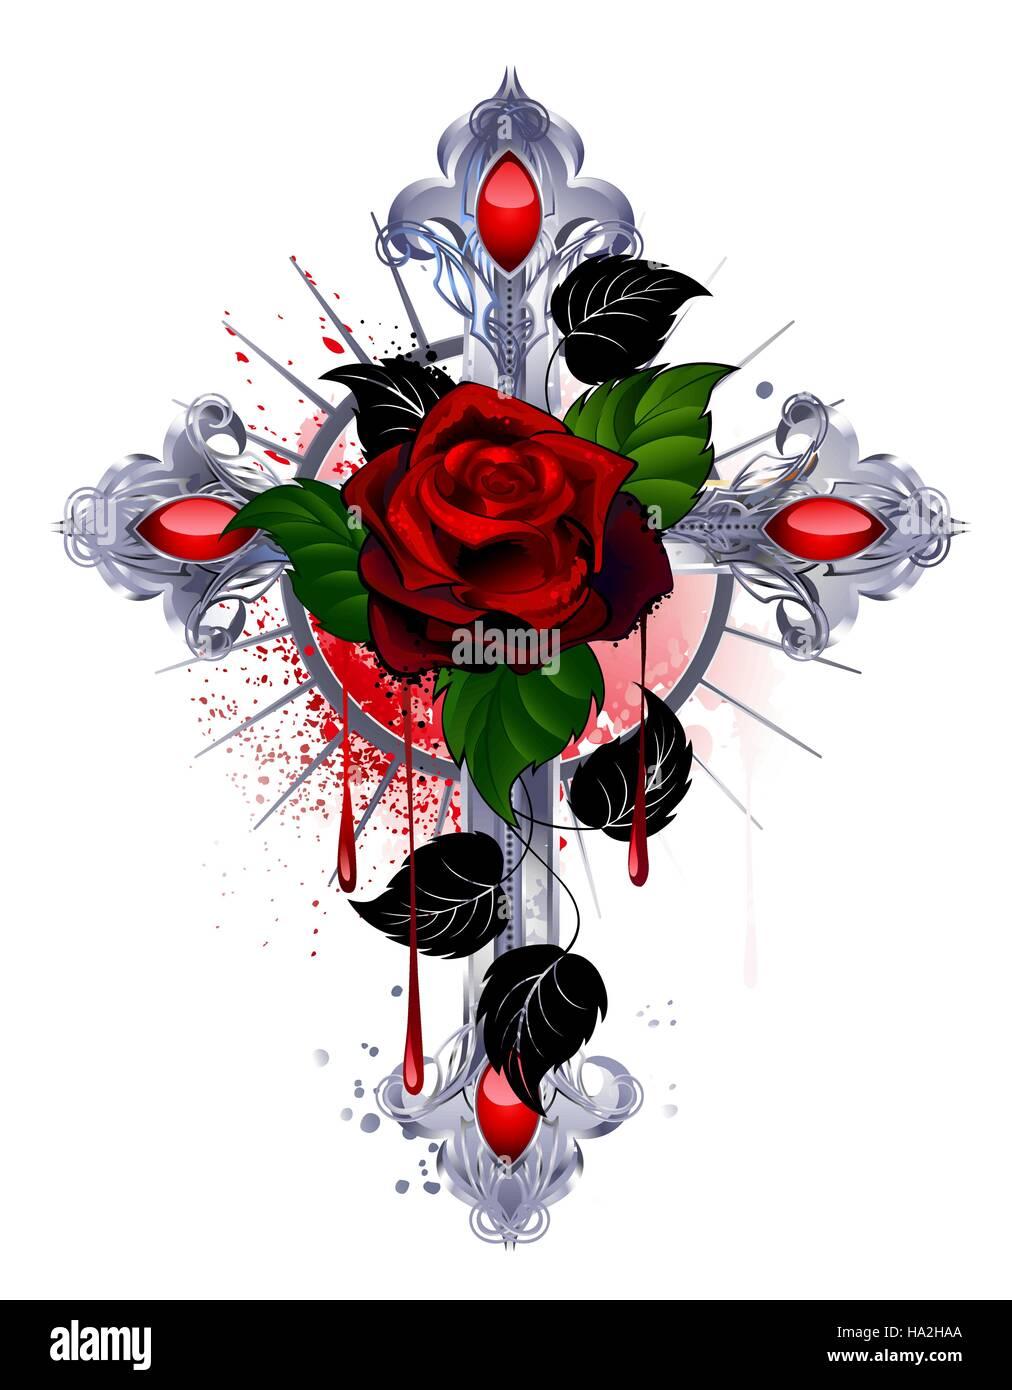 Croce Dargento Con Una Rosa Rossa E Foglie Di Colore Nero Su Uno